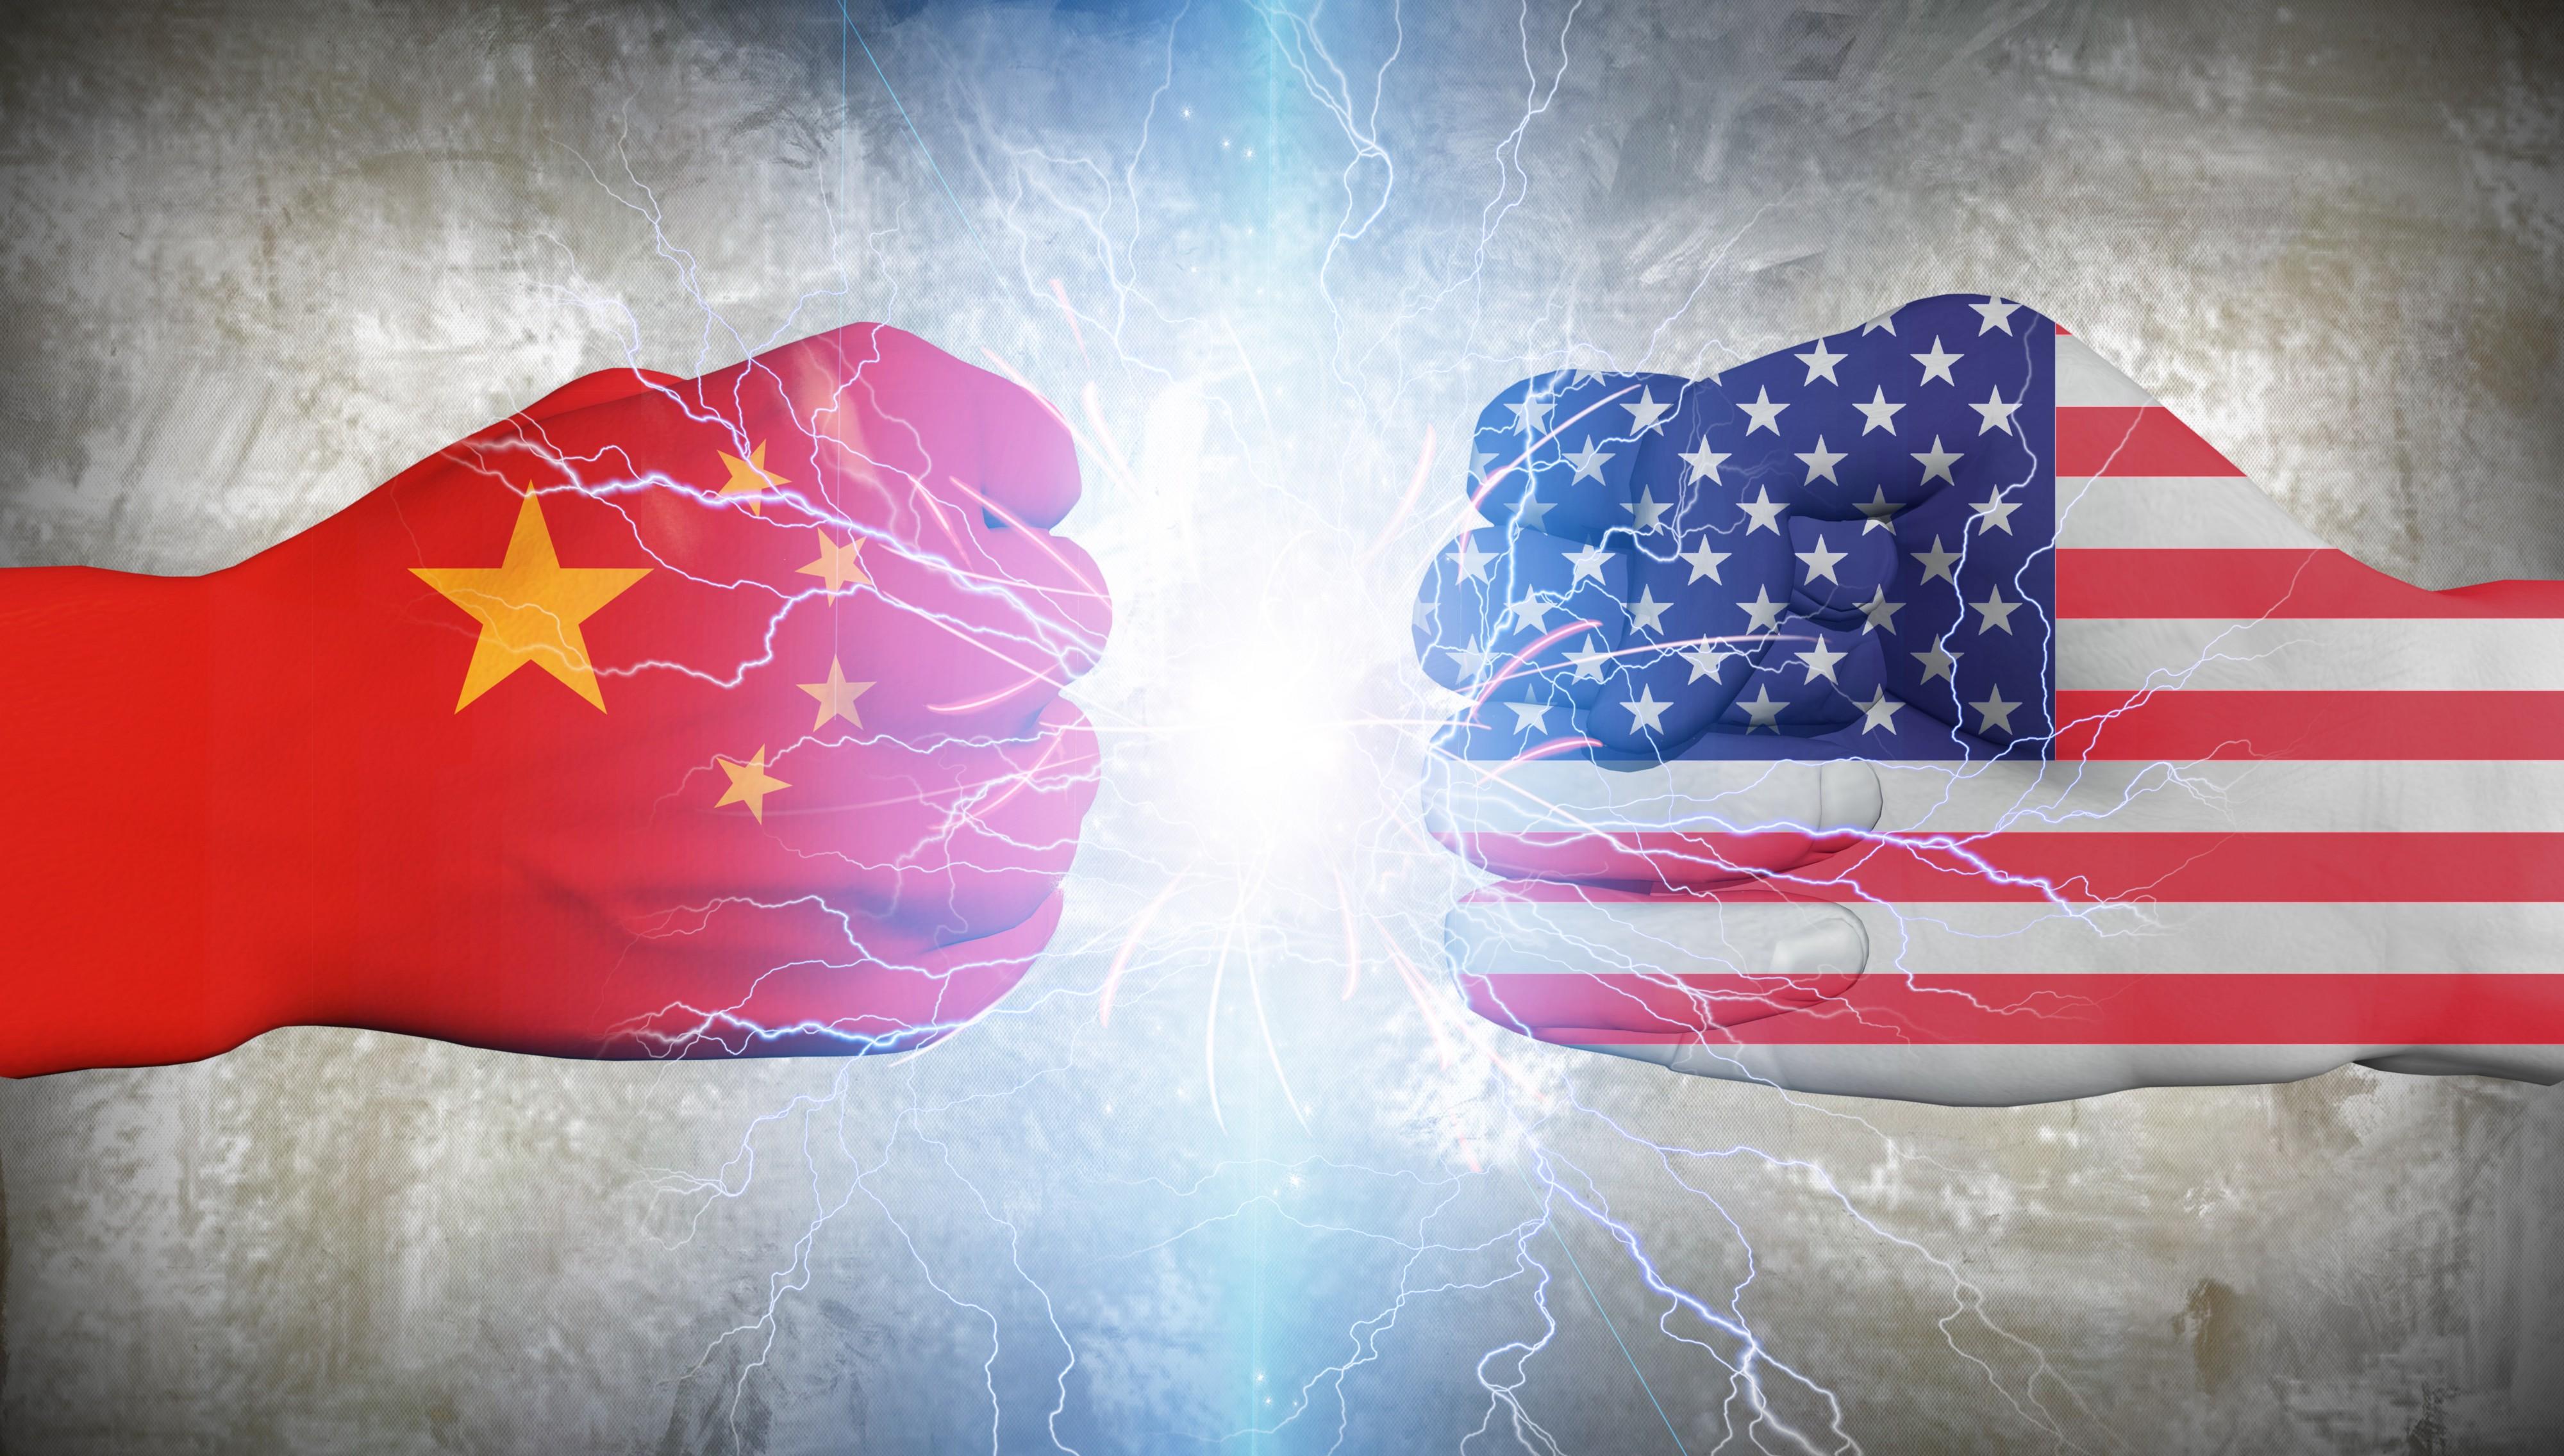 Liệu Trung Quốc có vượt được Mỹ và trở thành siêu cường thực sự trước khi già hóa?